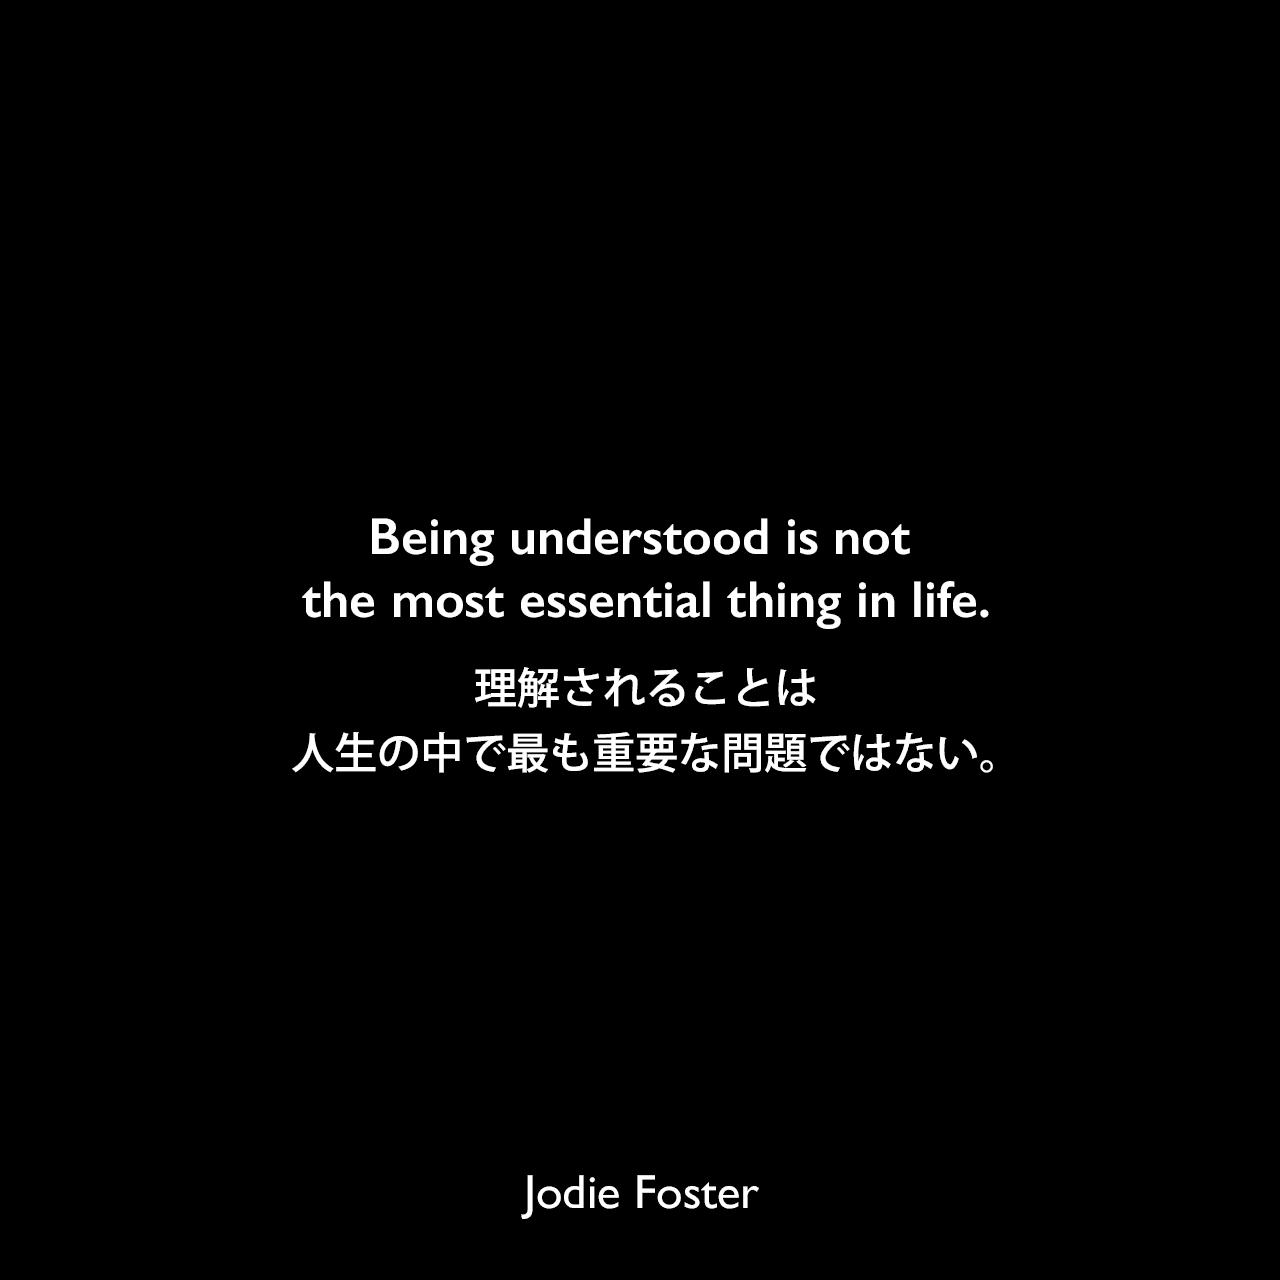 短い 日本語 格言 日本人のすごい偉人たちの名言集【英語付き】短いながらも心に残る言葉の意味を解説します。